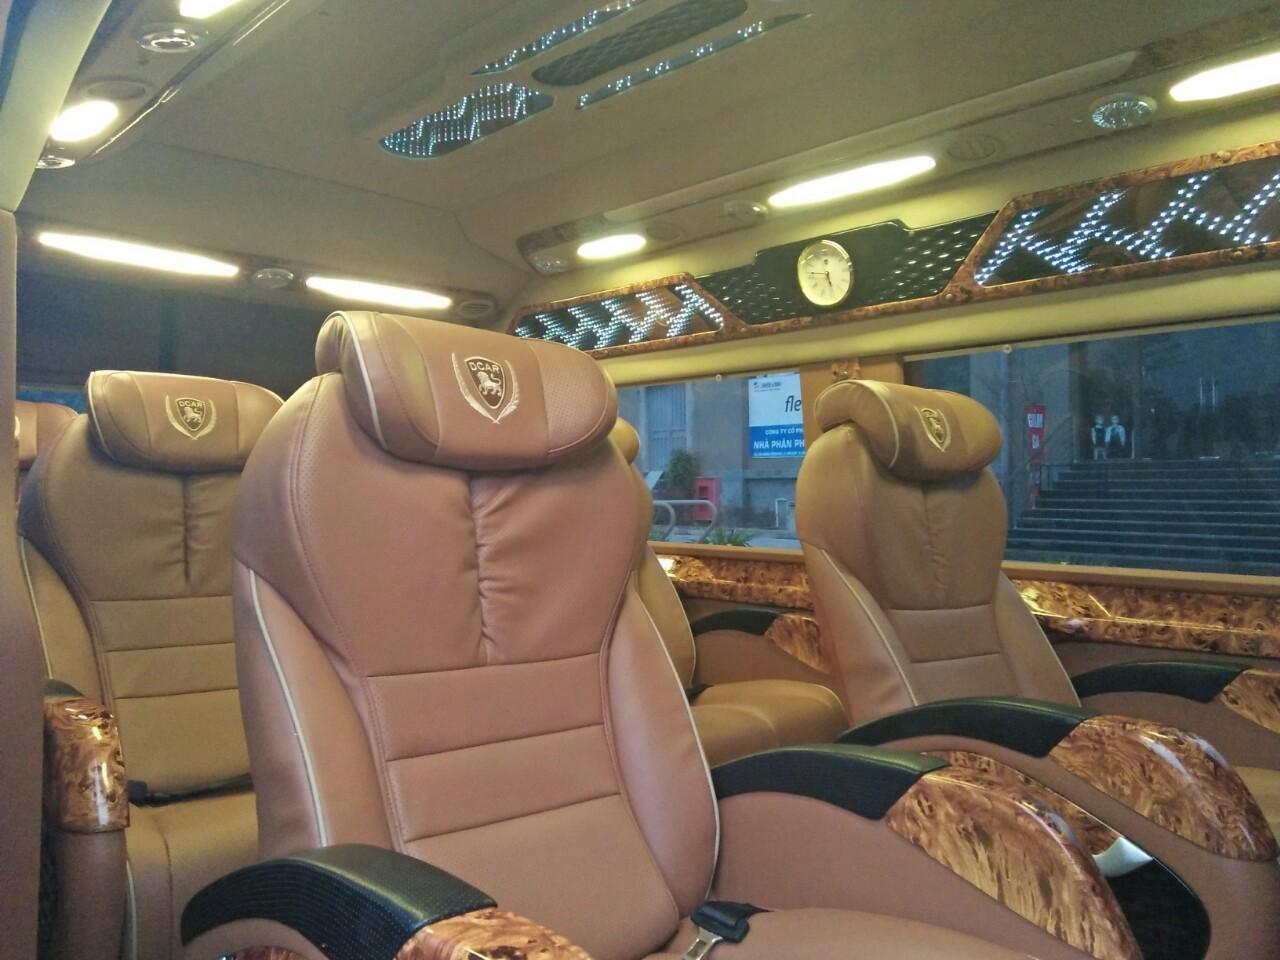 Nội thất xe Dream Transport Limousine đi Quảng Ninh từ Hà Nội